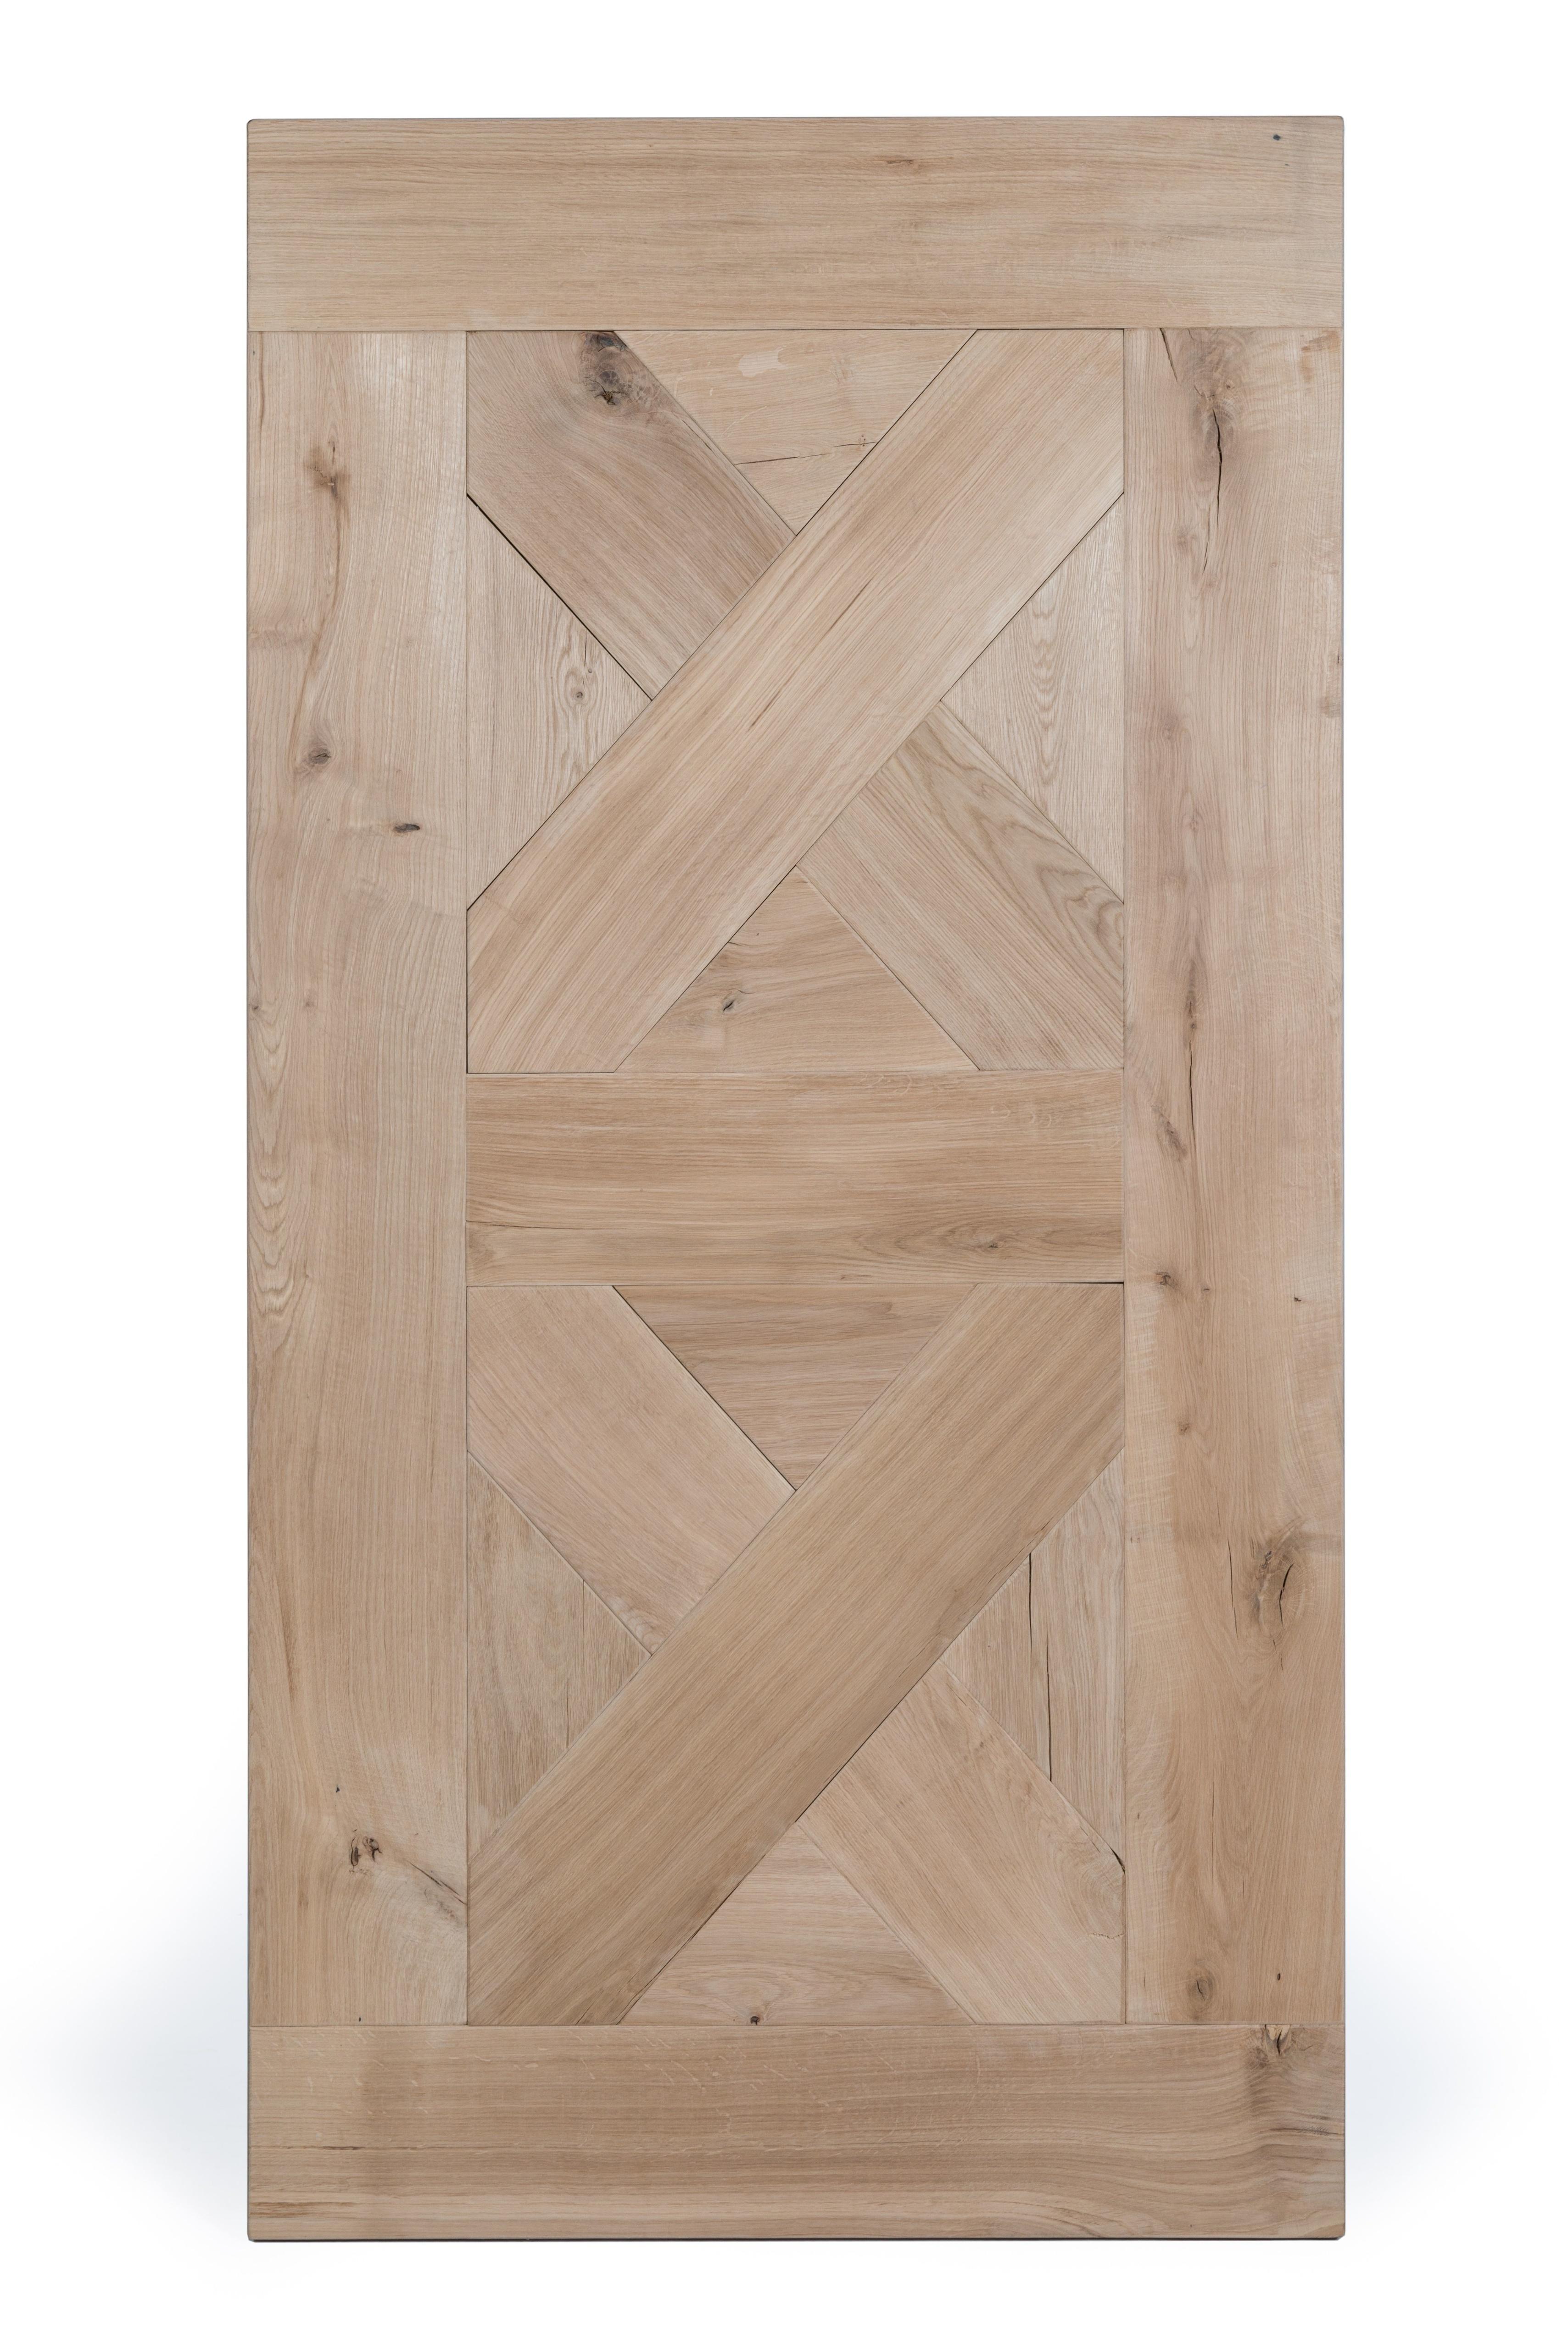 Tischplatte Wildeiche speziell - 100x200-300 cm - 4,5 cm dick - Asteiche (rustikal) - Gebürstet mit V-fugen - Eiche Tischplatte - Verleimt & künstlich getrocknet (HF 8-12%)